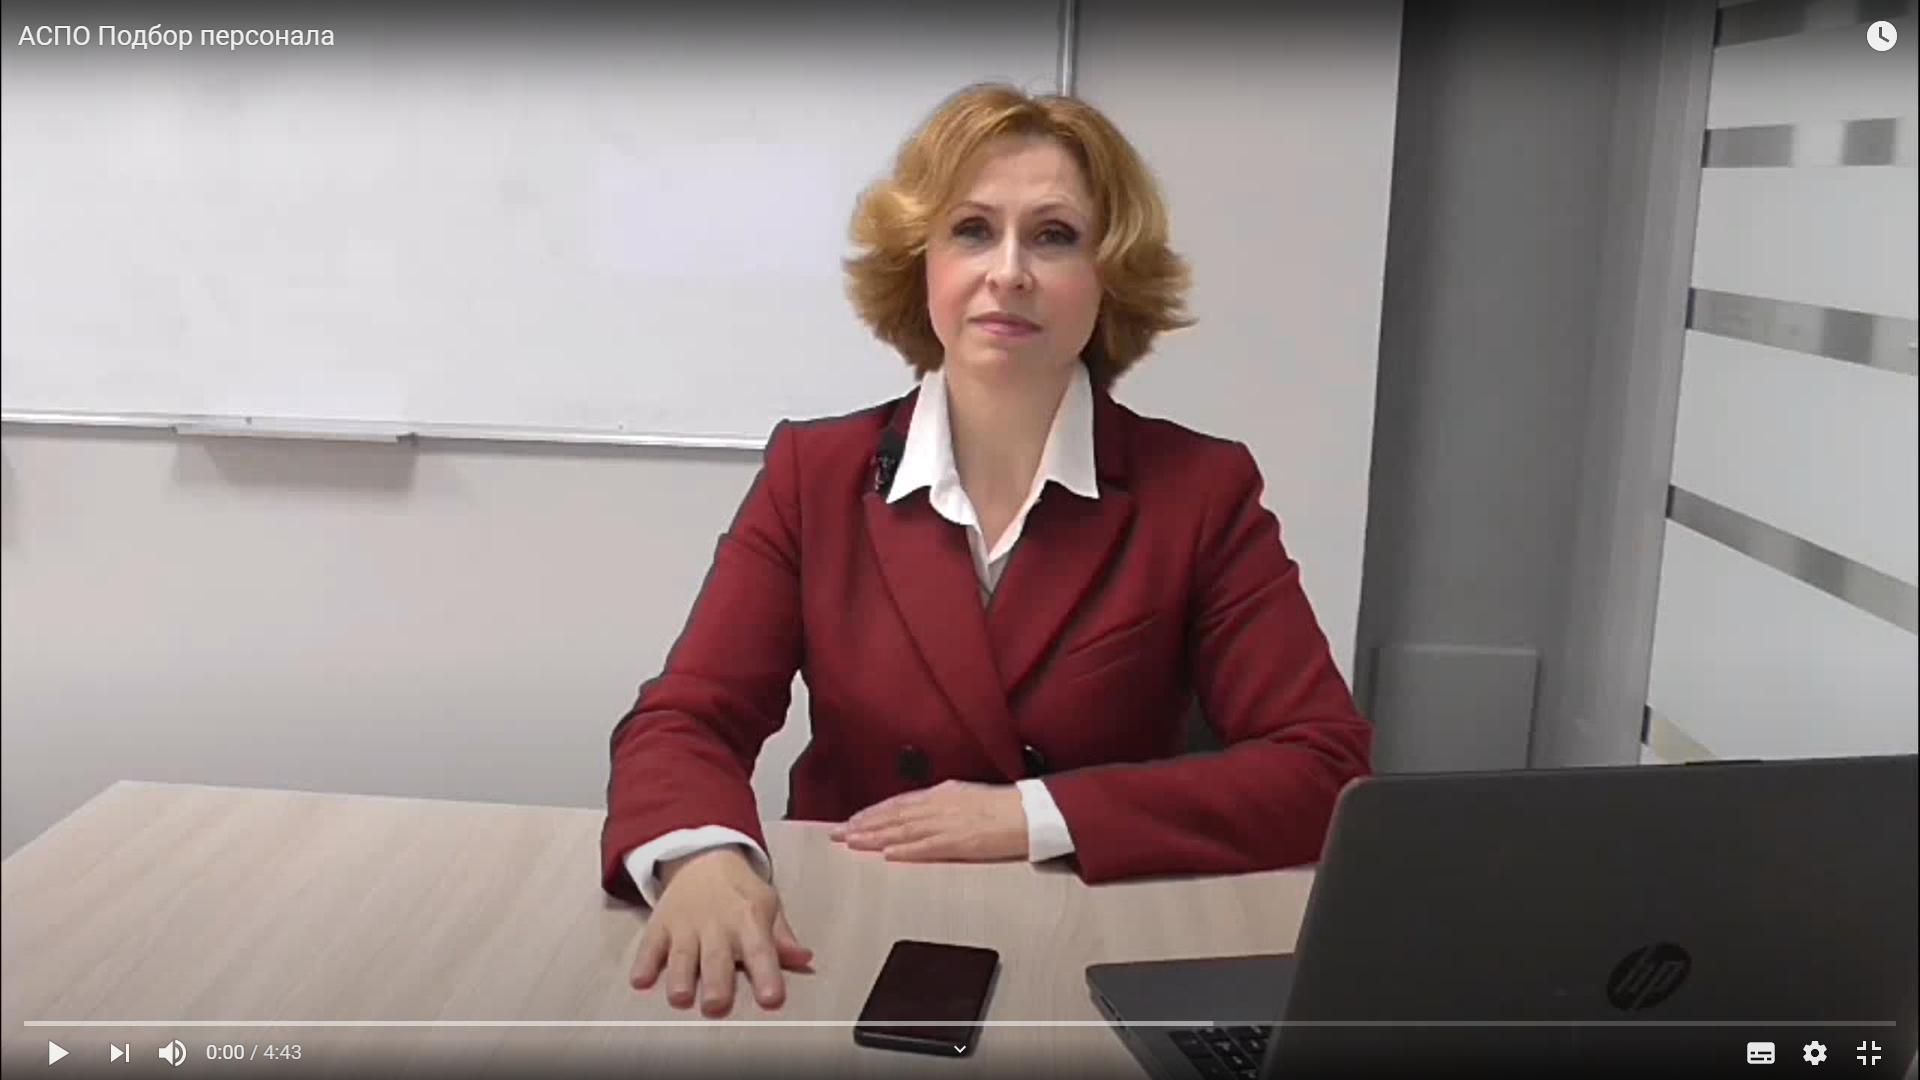 Услуги Академии современного профессионального образования (видео)